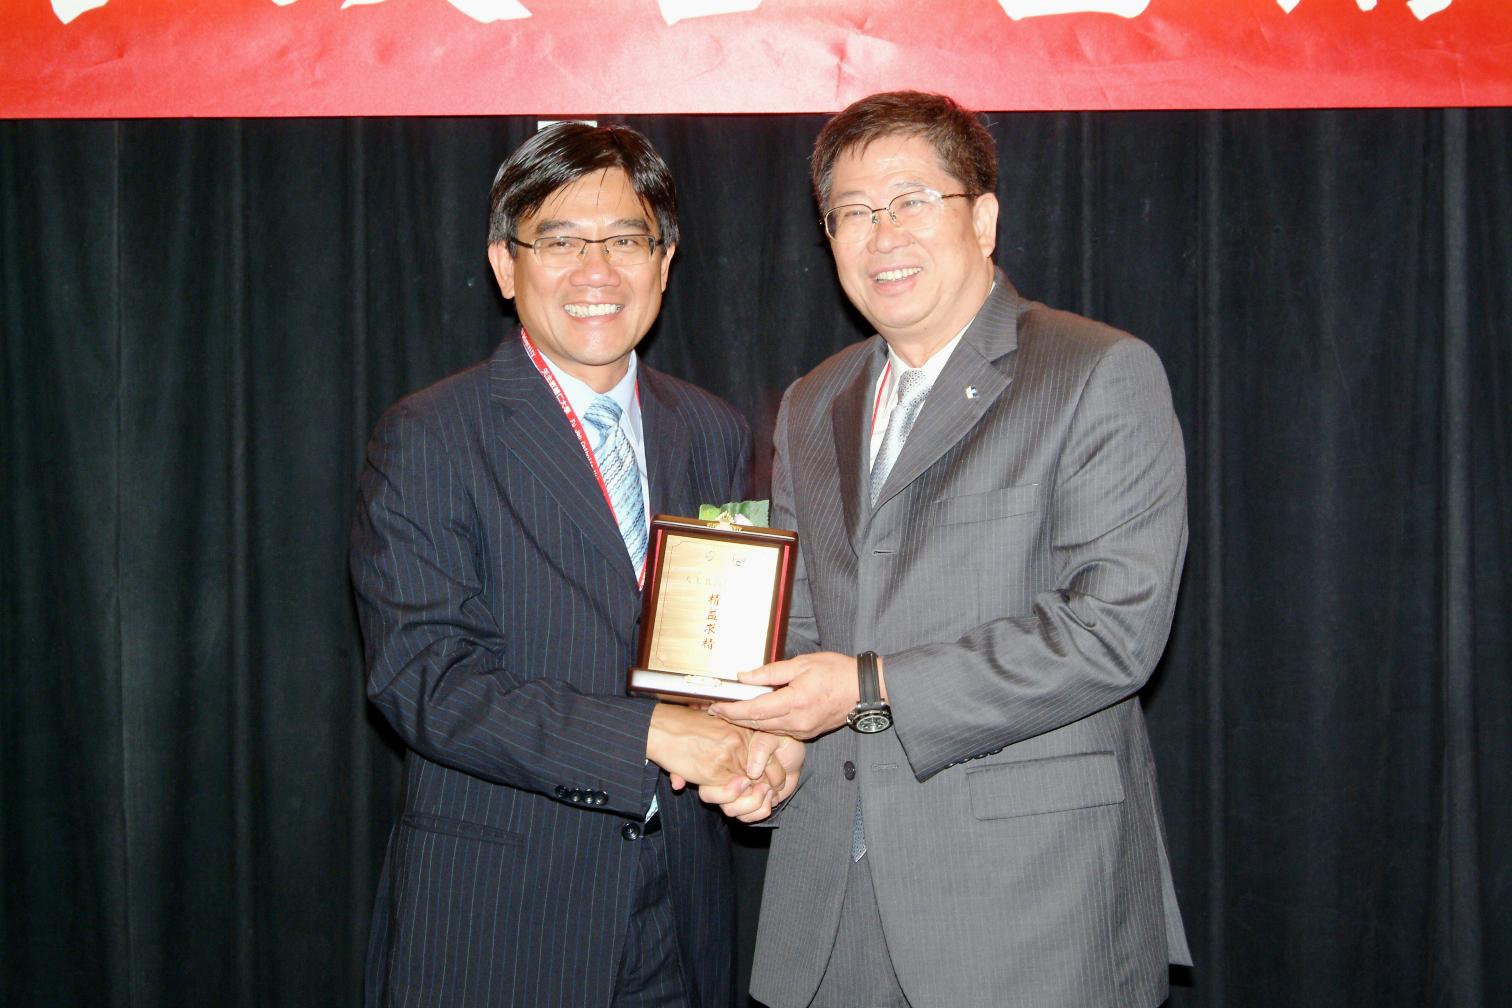 香港中文大學大學輔導長何培斌教授於開幕典禮致送紀念品予天主教輔仁大學校長黎建球教授。